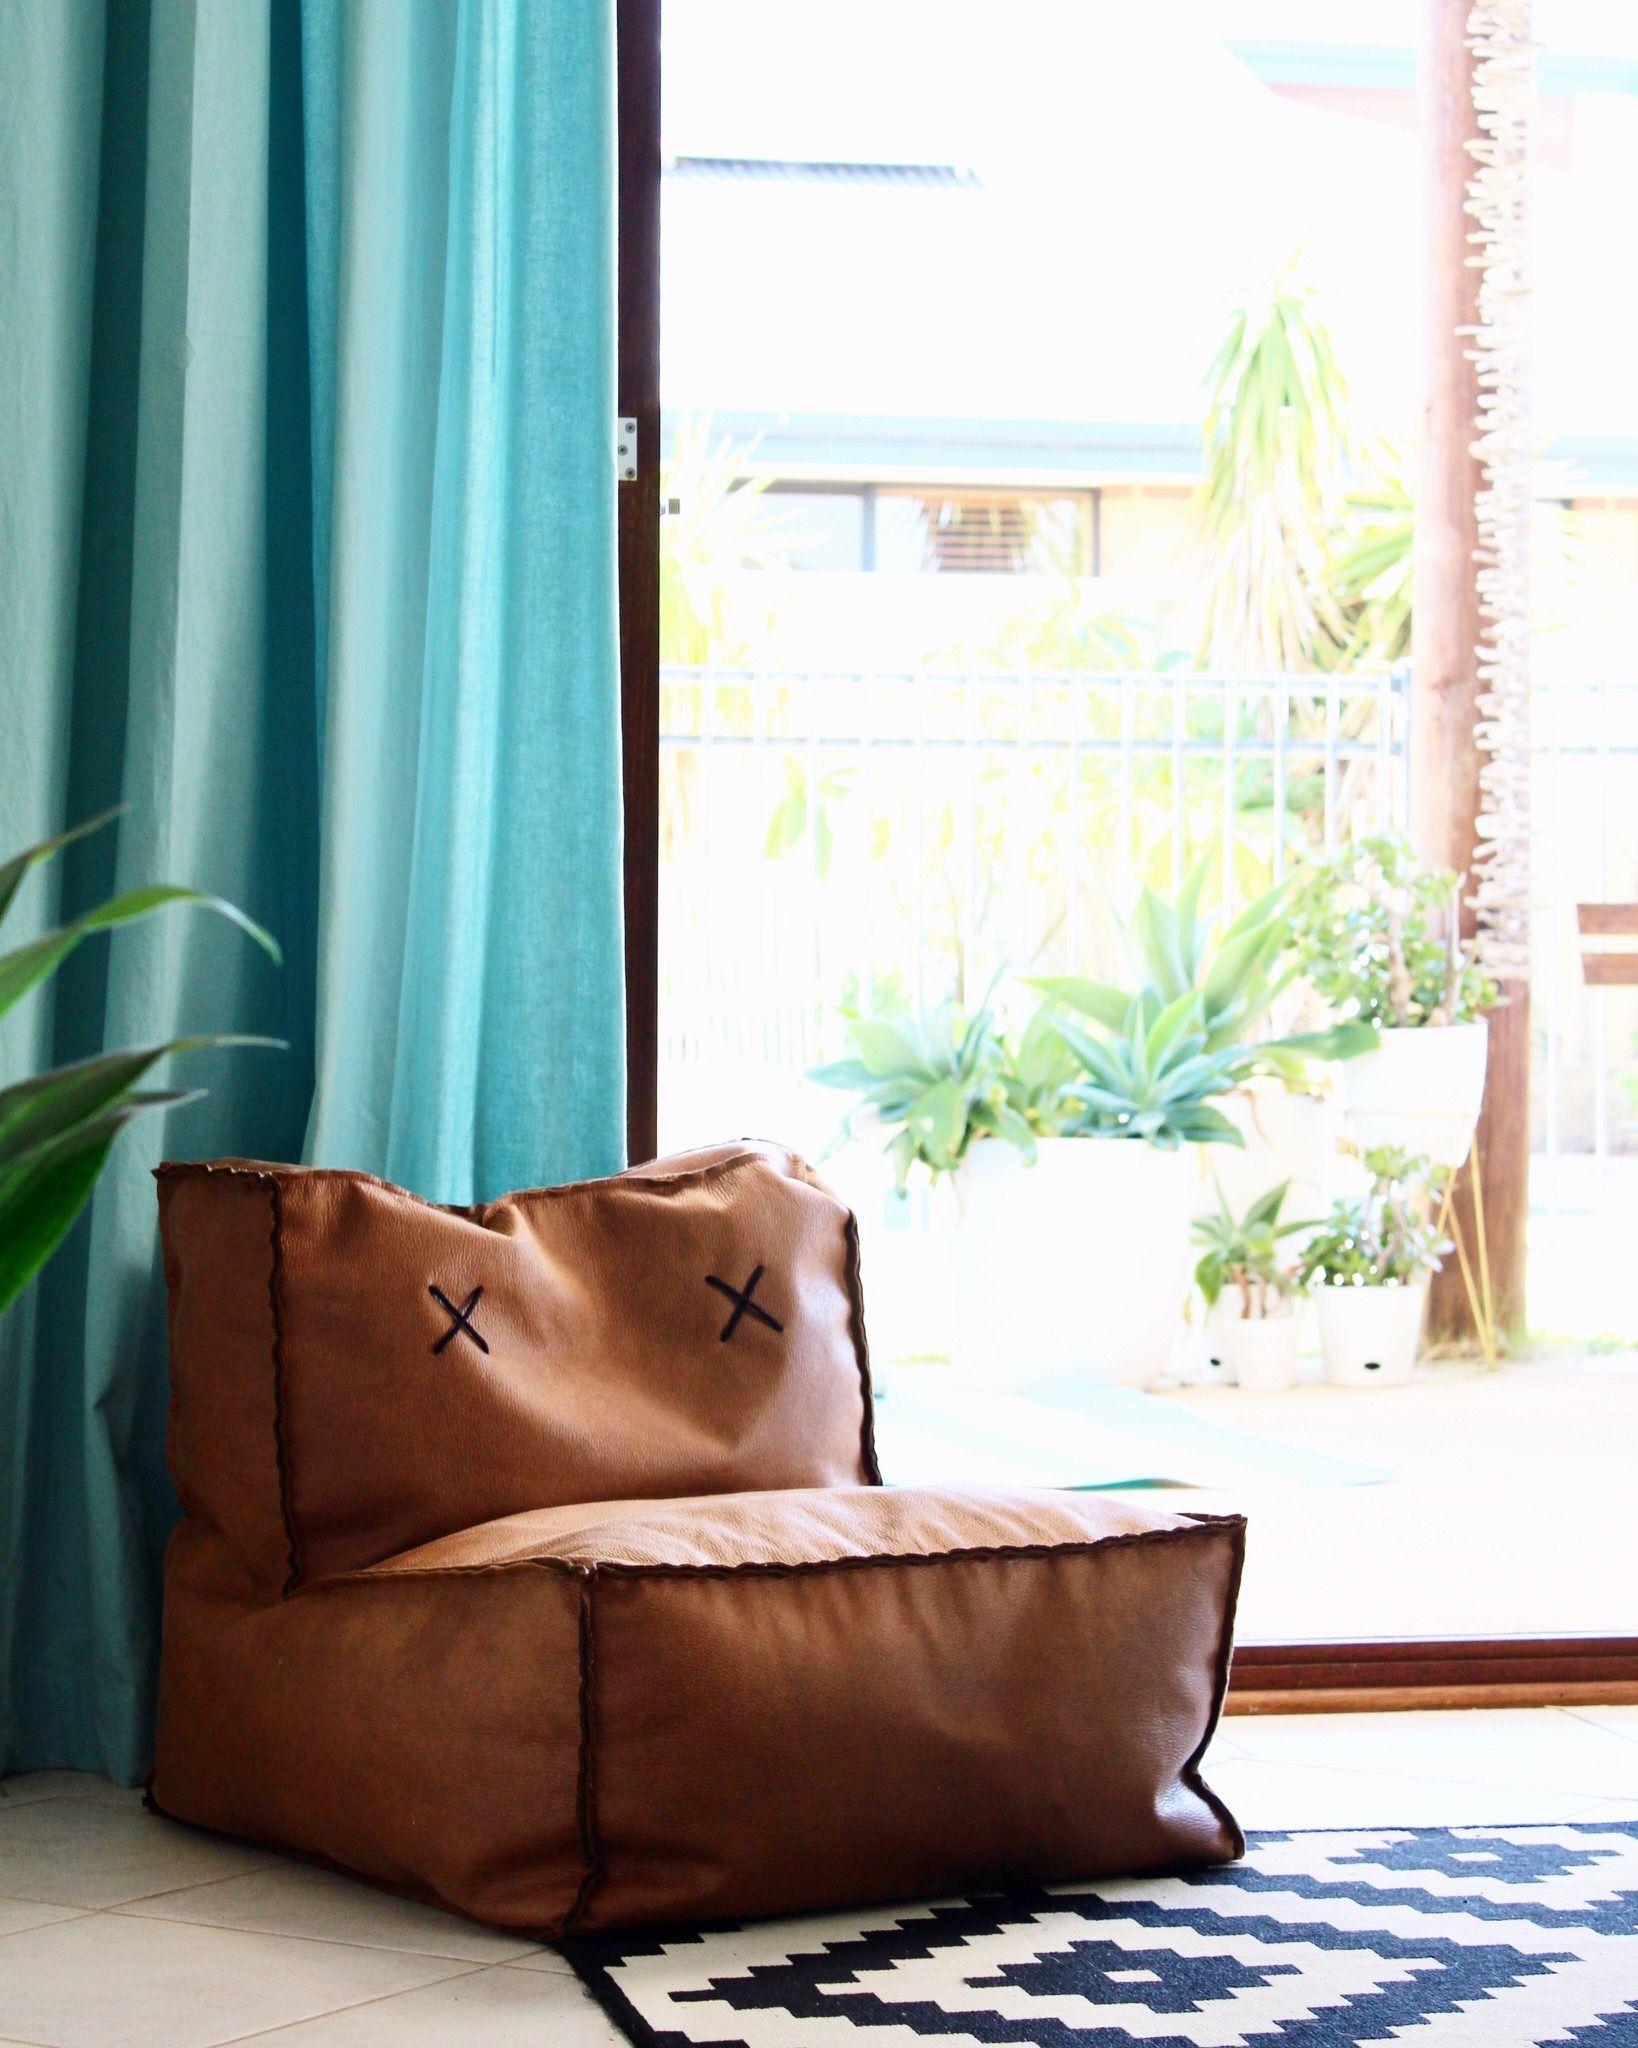 Coolest kids bean bags living room kids bean bags - How to decorate living room with bean bags ...